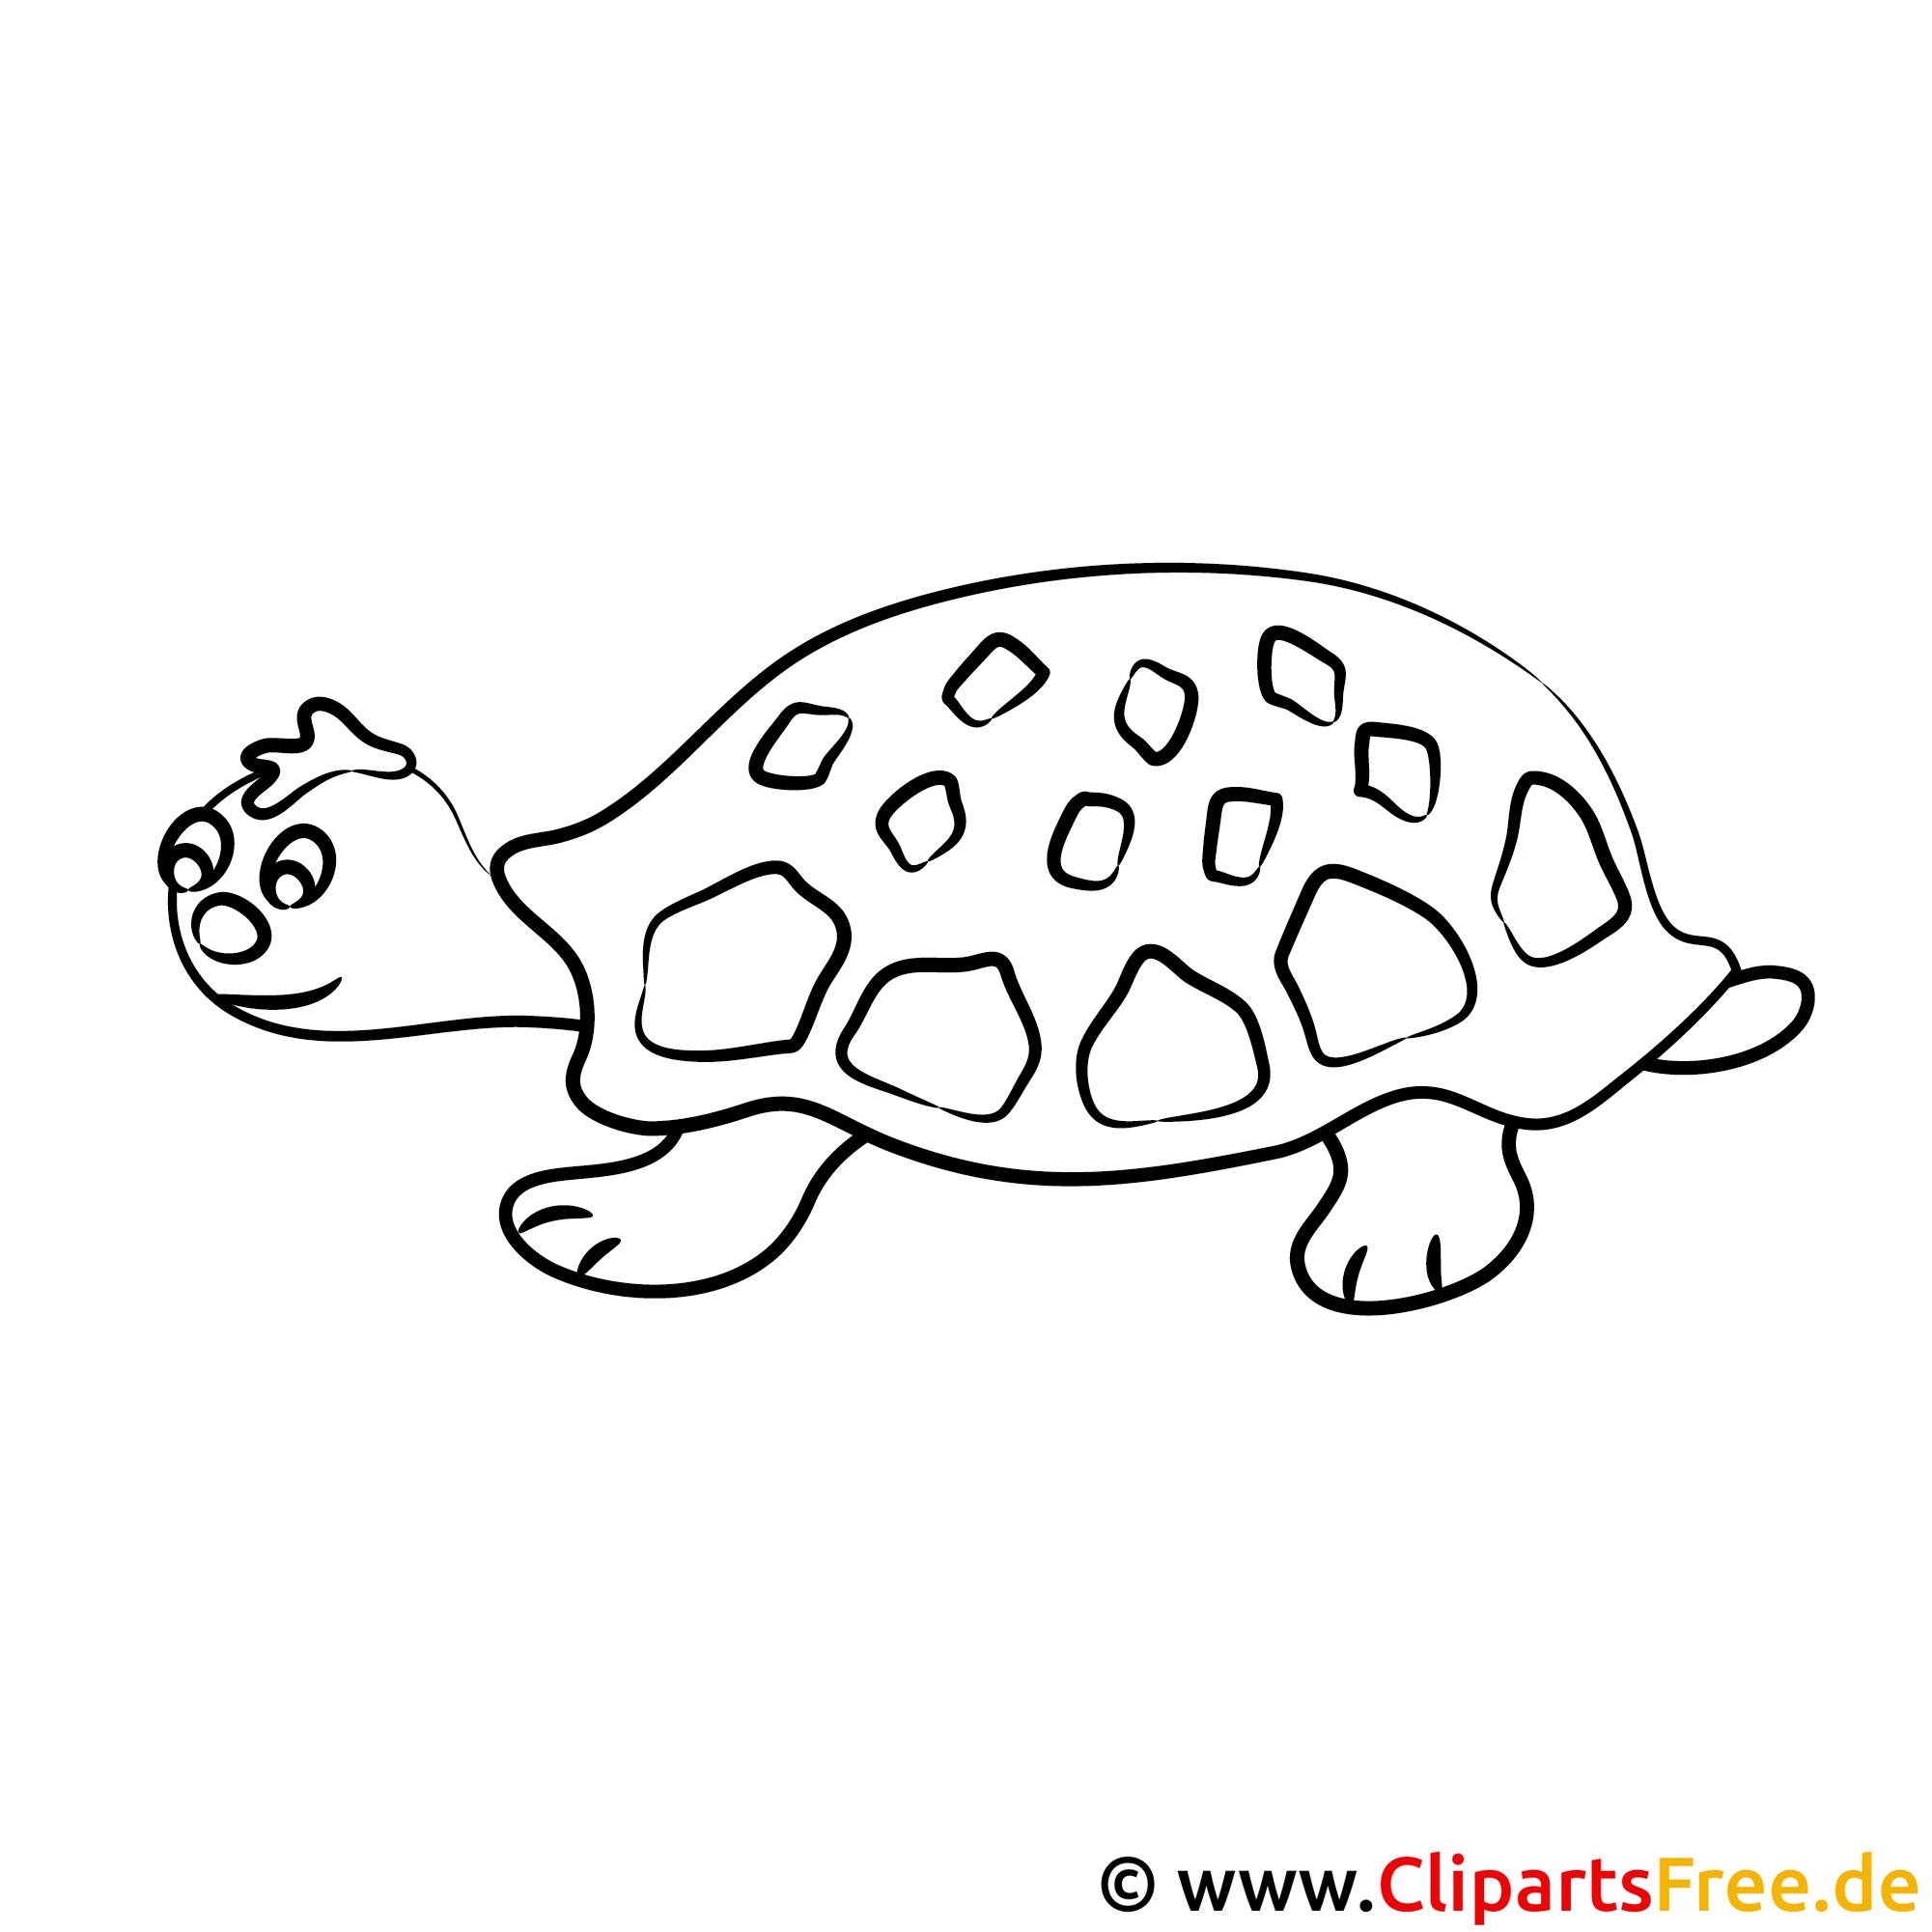 Schön Schildkrötenbilder Zum Ausmalen Ideen - Malvorlagen Von Tieren ...